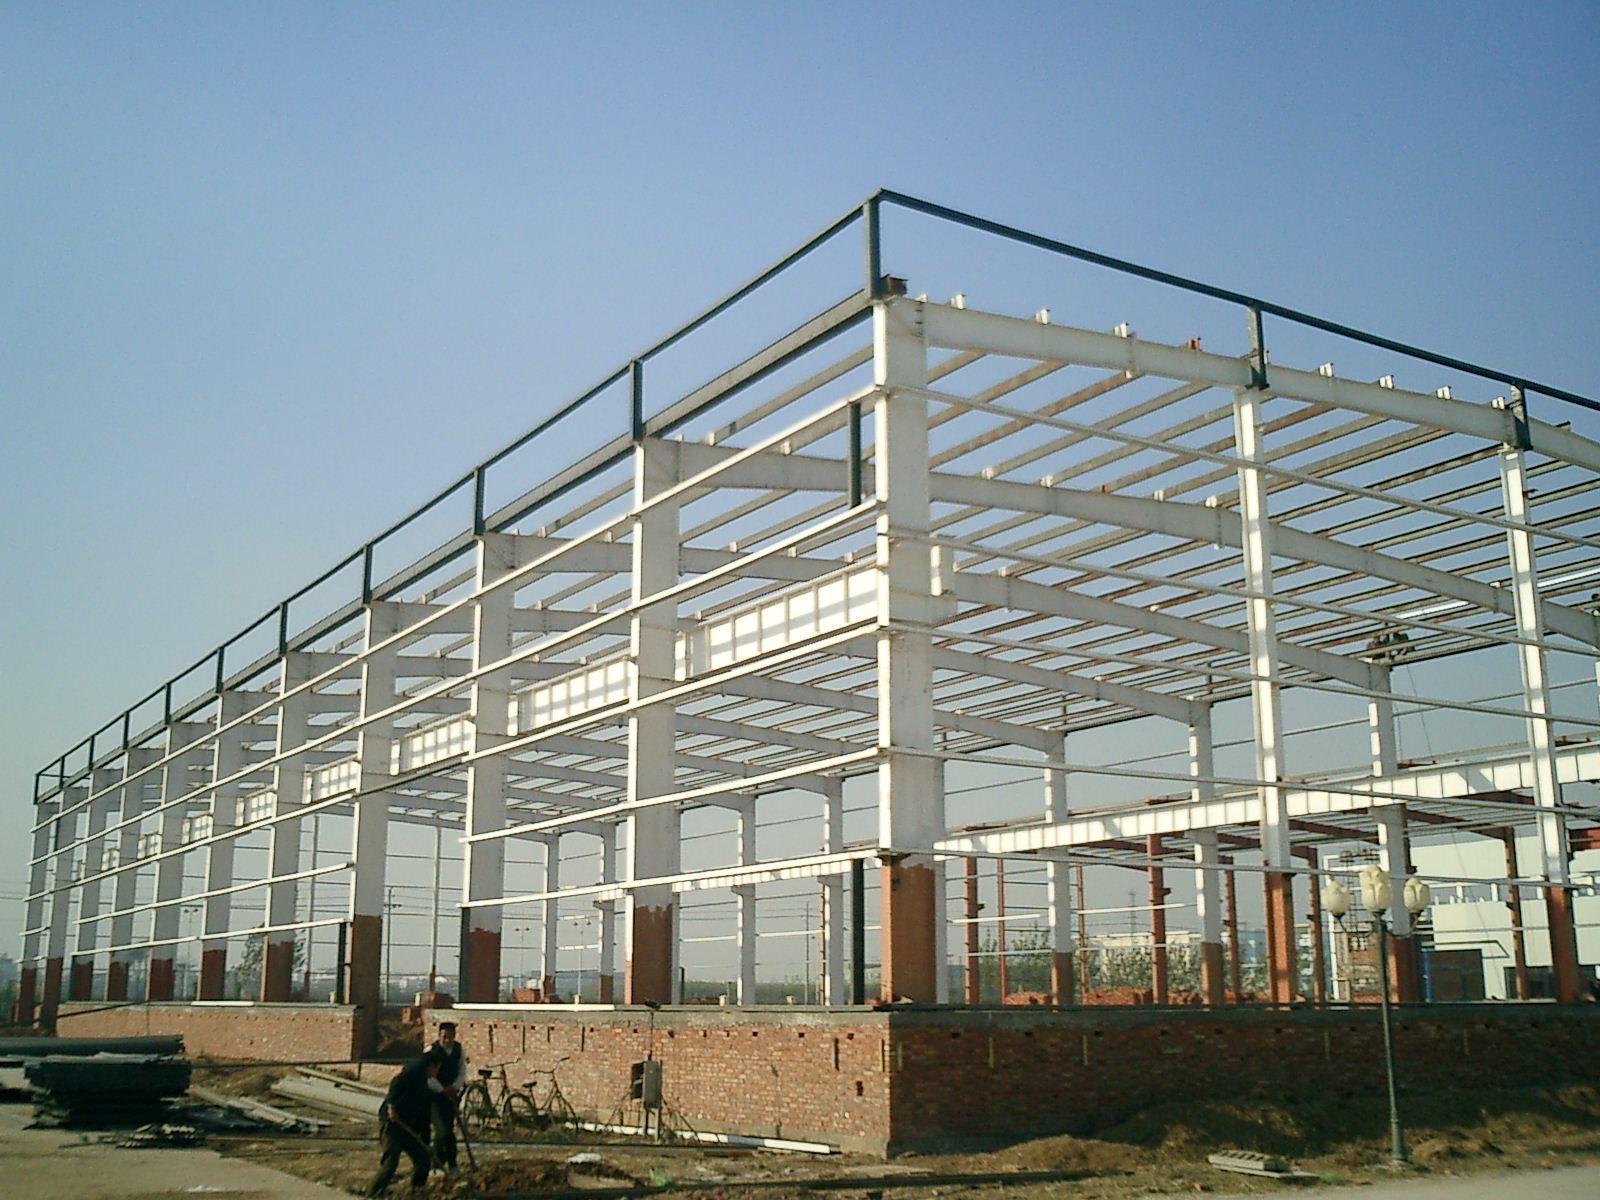 钢结构工程报价 钢结构工程施工-装修保障网